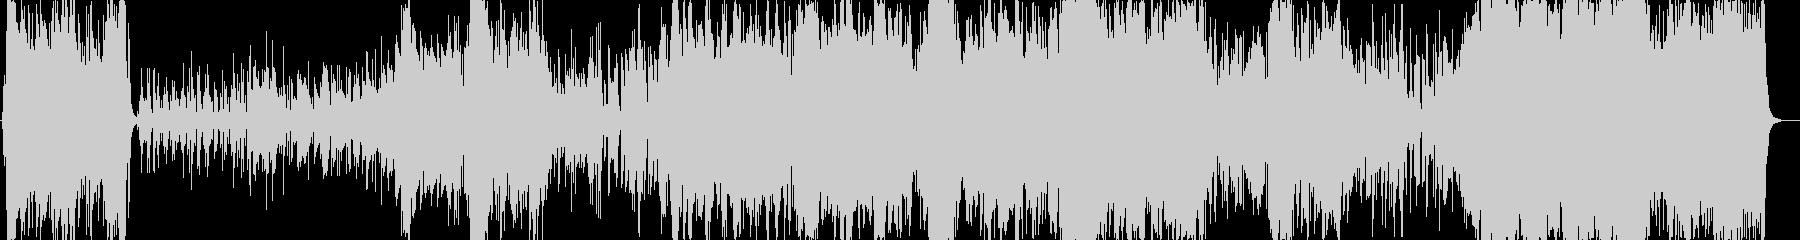 オーケストラ編成のタンゴの未再生の波形